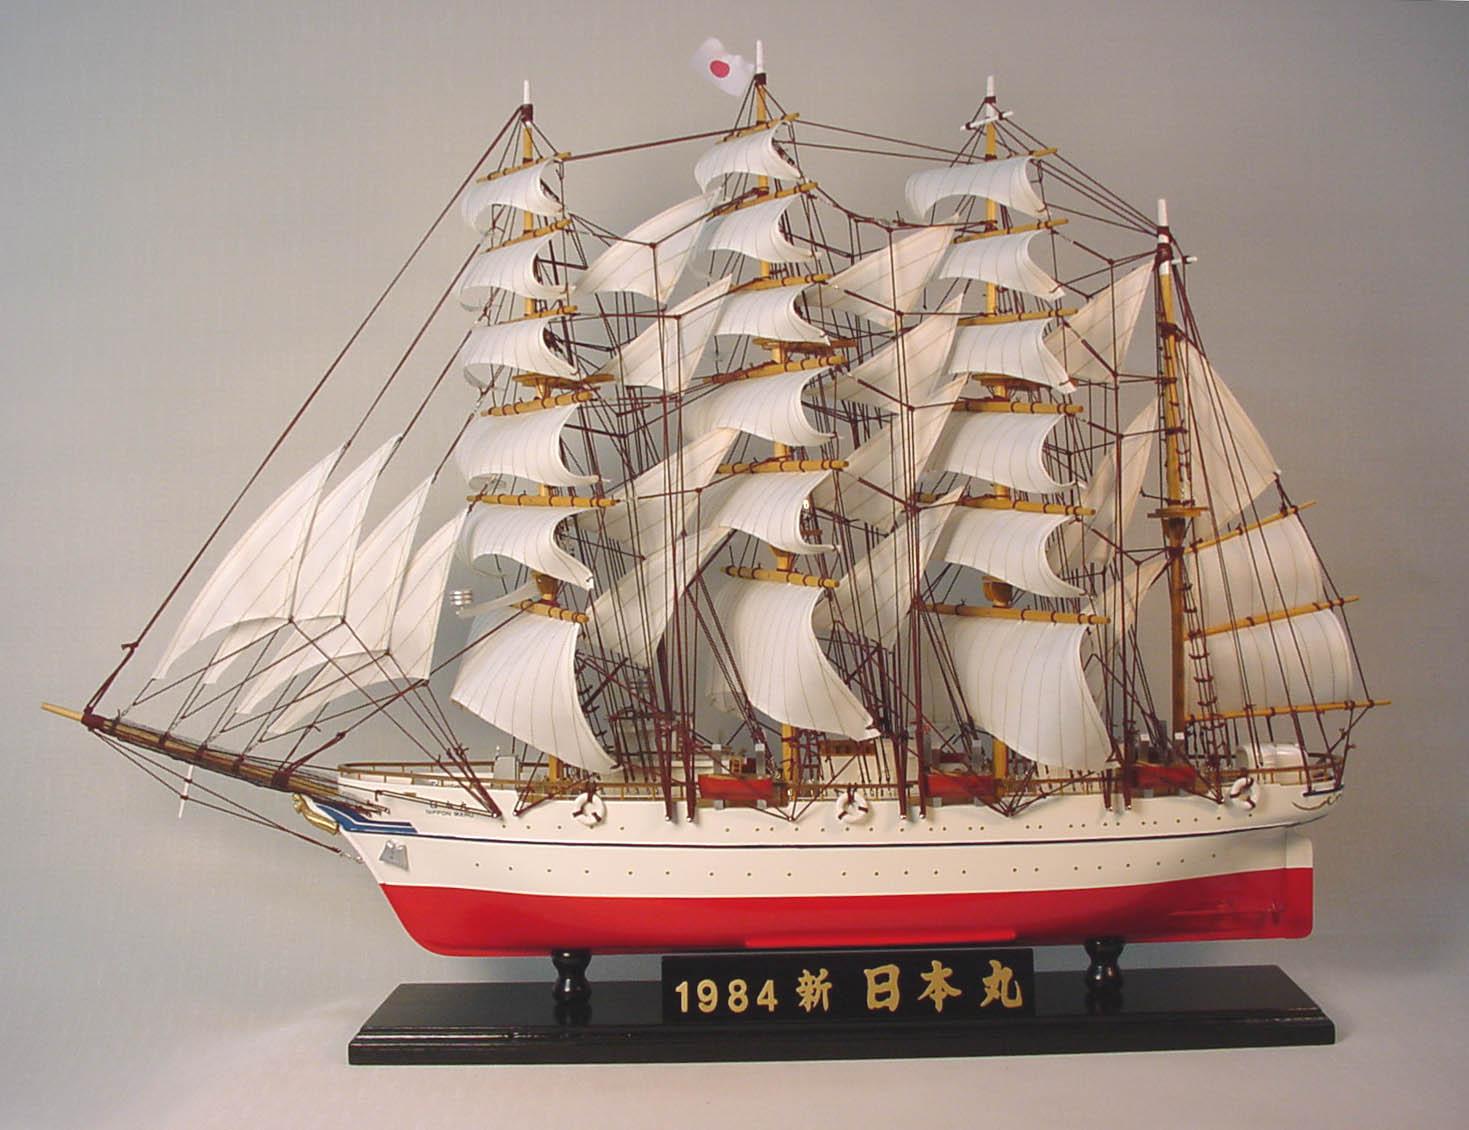 帆船模型 モデルシップ (完成品) No226 新日本丸 新築祝 開業祝 お祝い 門出【楽ギフ_のし】【楽ギフ_メッセ入力】